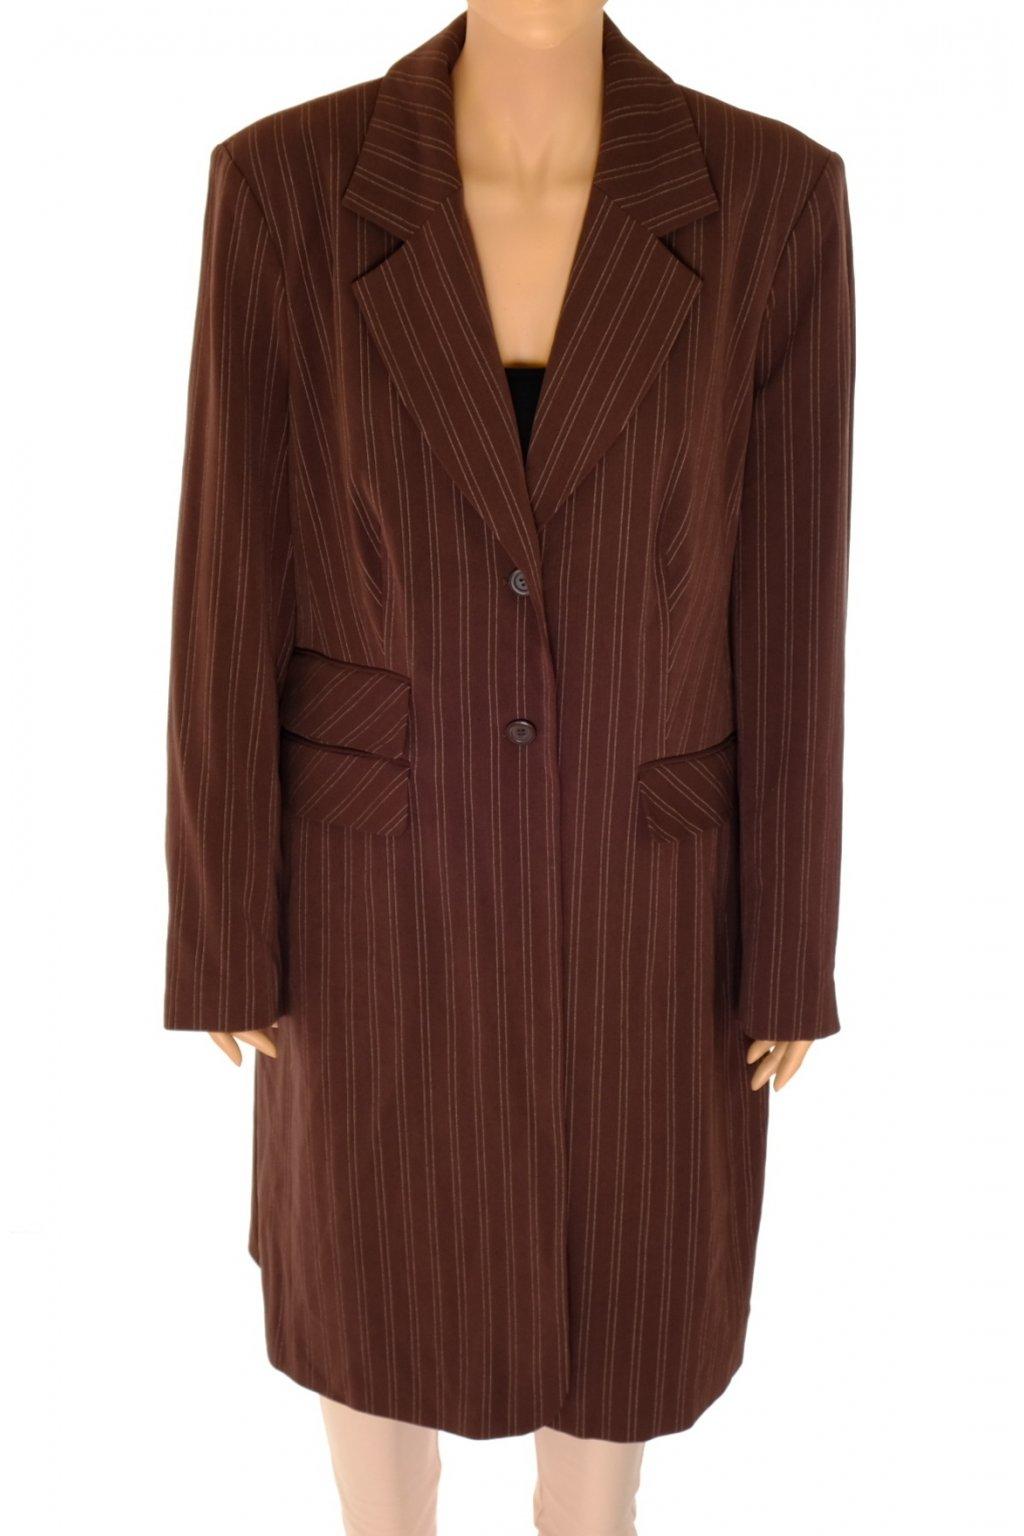 Kabát Yours hnědý světlý proužek NOVÝ S VISAČKOU vel XL